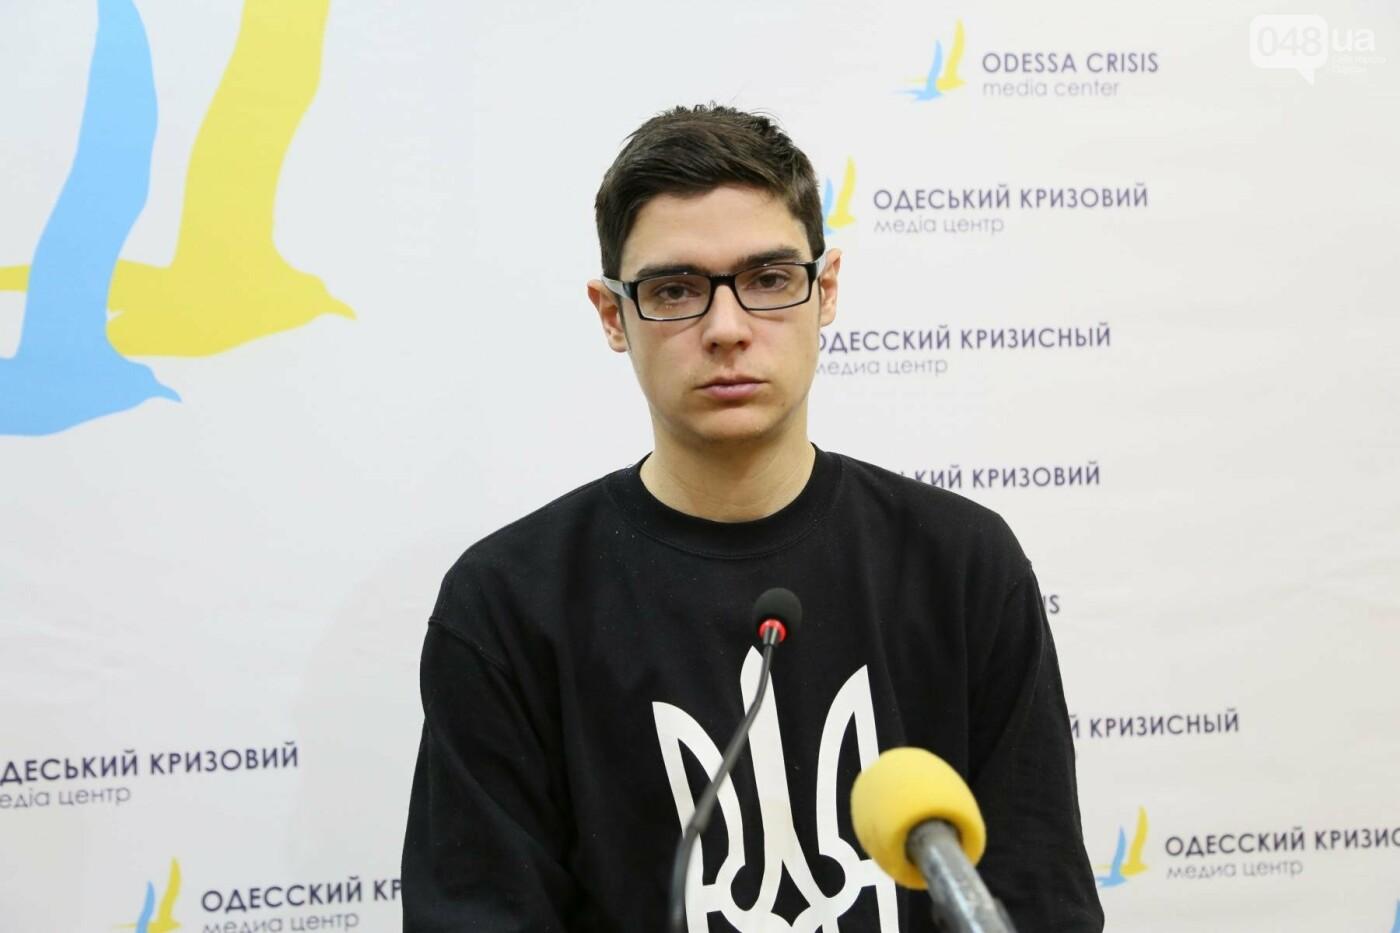 Сафари на проукраинских активистов Одессы: Кто следующий?, фото-1